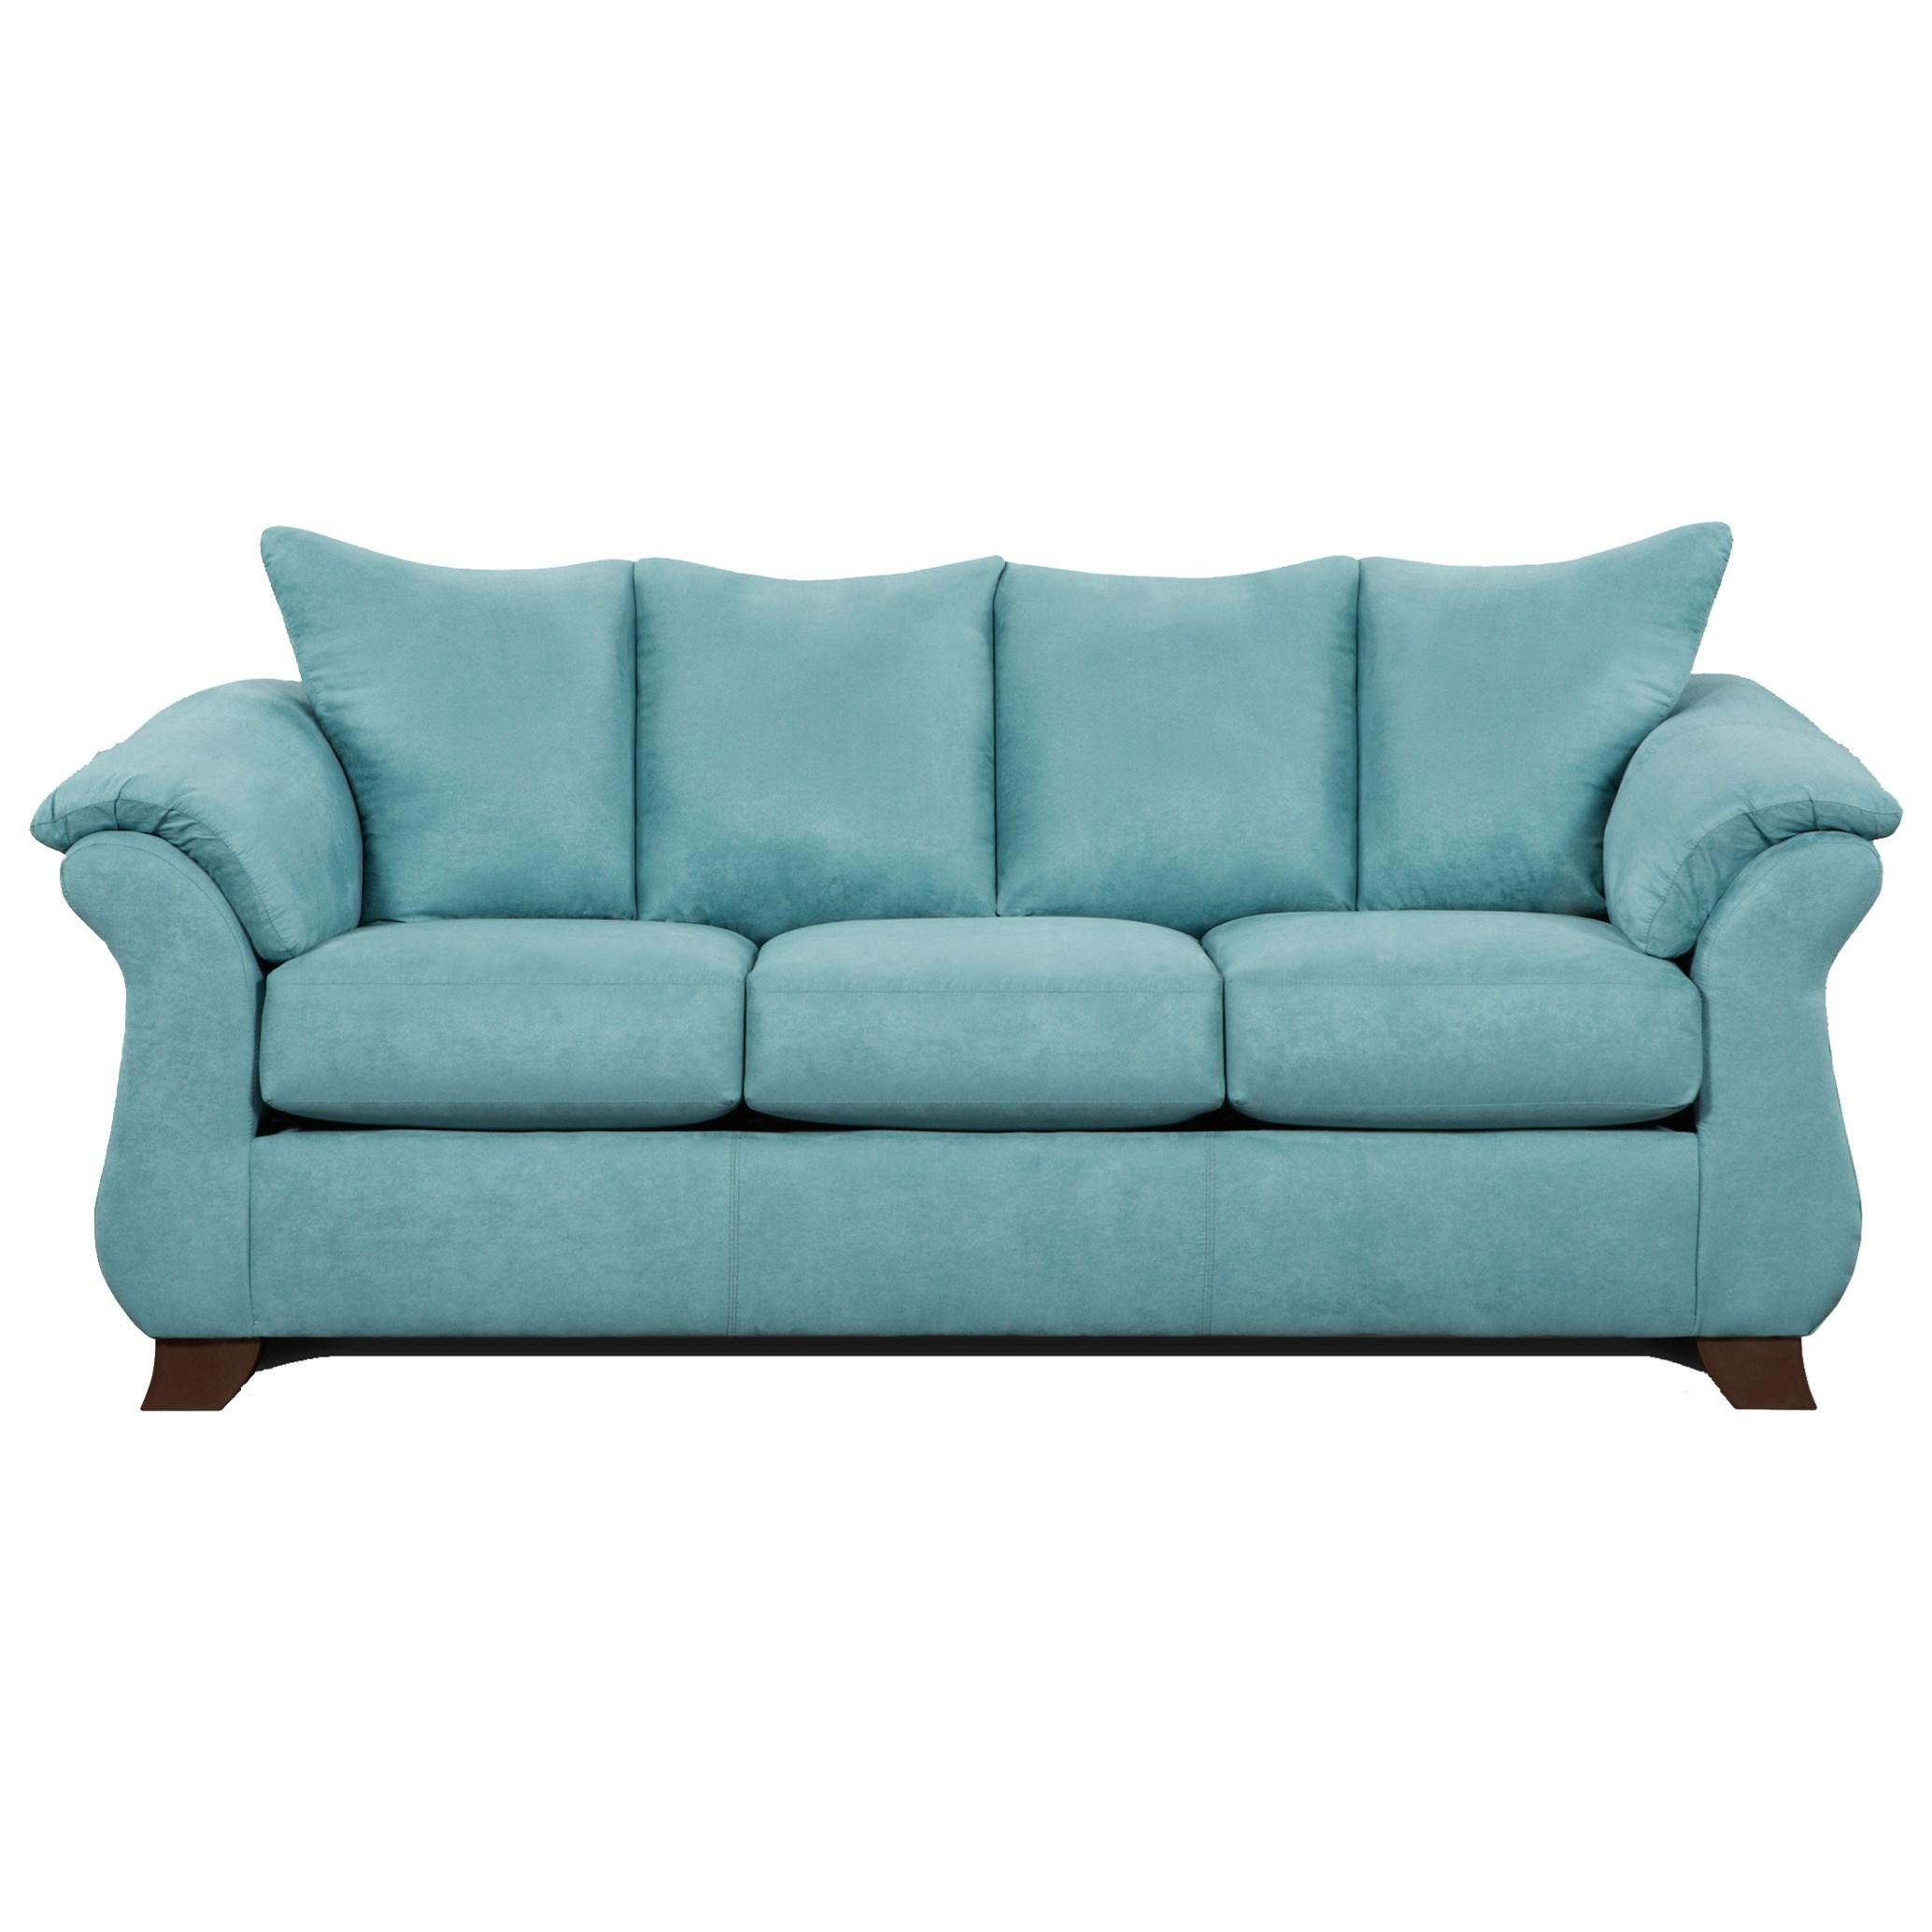 Affordable Furniture 6700 Sofa - Item Number: 6703 Sensations Capri